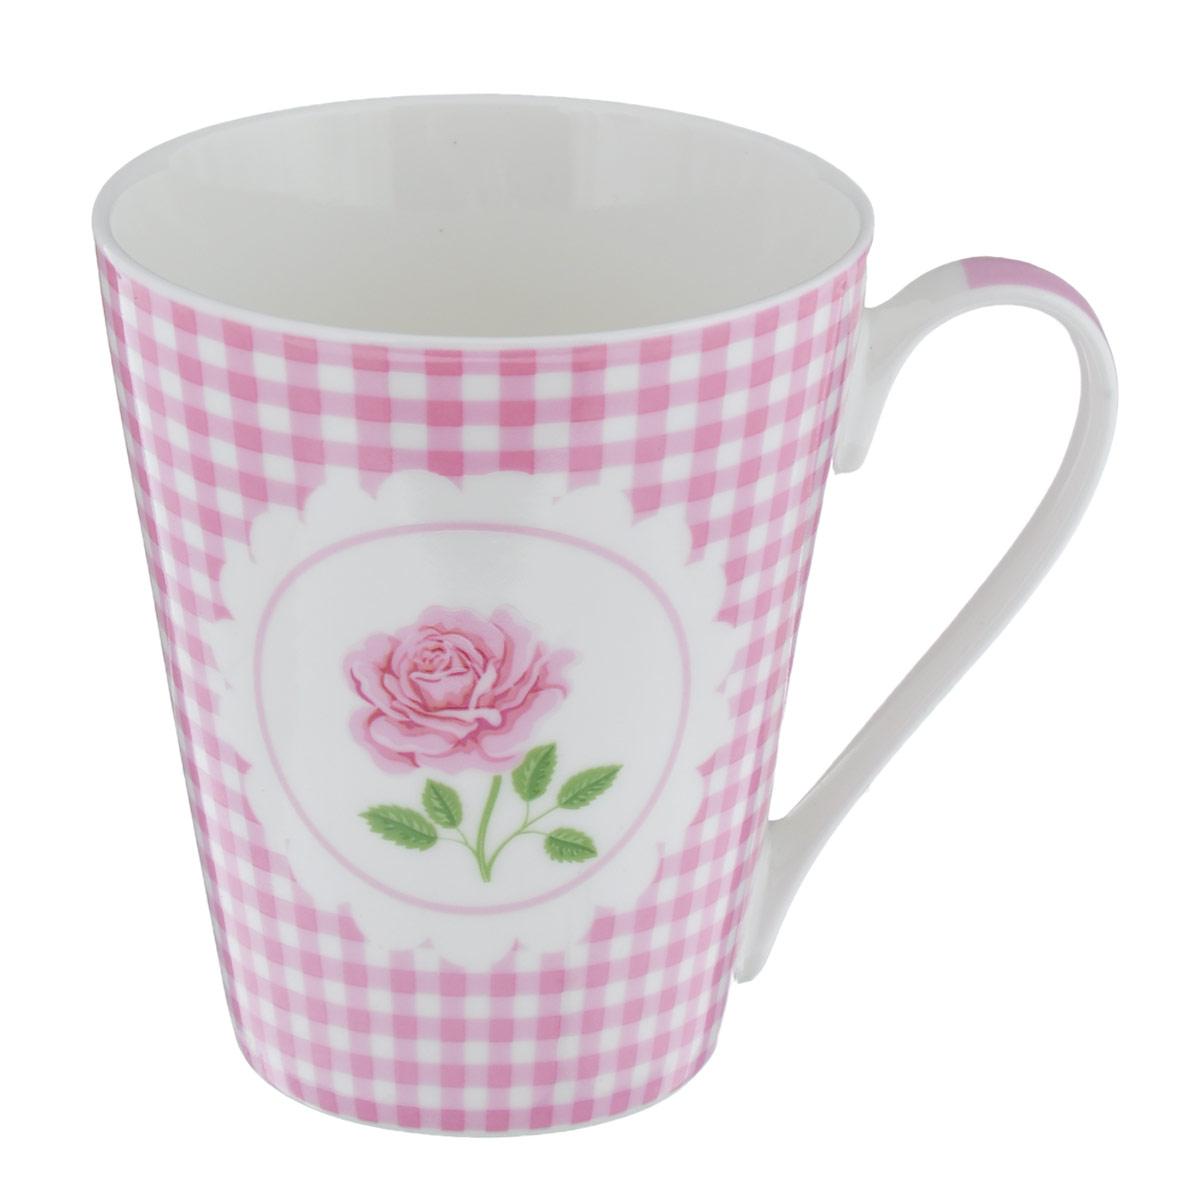 Кружка Кантри, цвет: розовый, белый, 250 млLQB02-N146Кружка Кантри изготовлена из высококачественного фарфора, покрытого слоем сверкающей глазури. Внешние стенки изделия оформлены принтом в клетку и изящным изображением розы. Такая кружка прекрасно подойдет для горячих и холодных напитков. Она дополнит коллекцию вашей кухонной посуды и будет служить долгие годы. Можно использовать в посудомоечной машине и СВЧ. Объем кружки: 250 мл. Диаметр кружки (по верхнему краю): 8,5 см. Высота стенки кружки: 10 см.